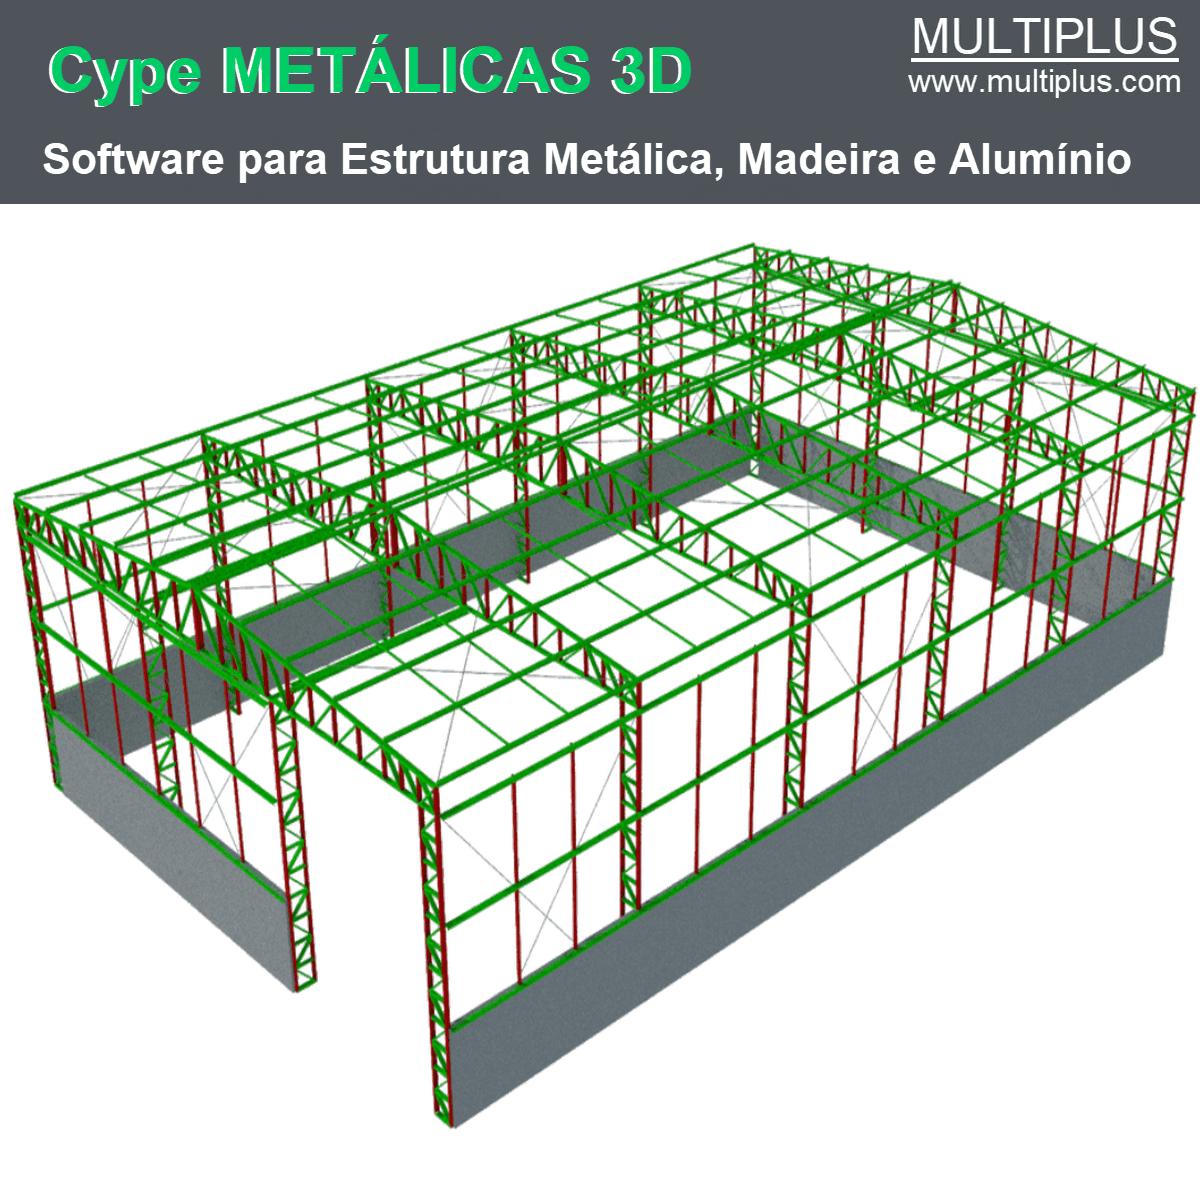 """Software Metálicas 3D MT3 versão 2021 (Licença Eletrônica) incluindo a modulação descrita em """"Itens Inclusos"""" a seguir  - MULTIPLUS SOFTWARES"""